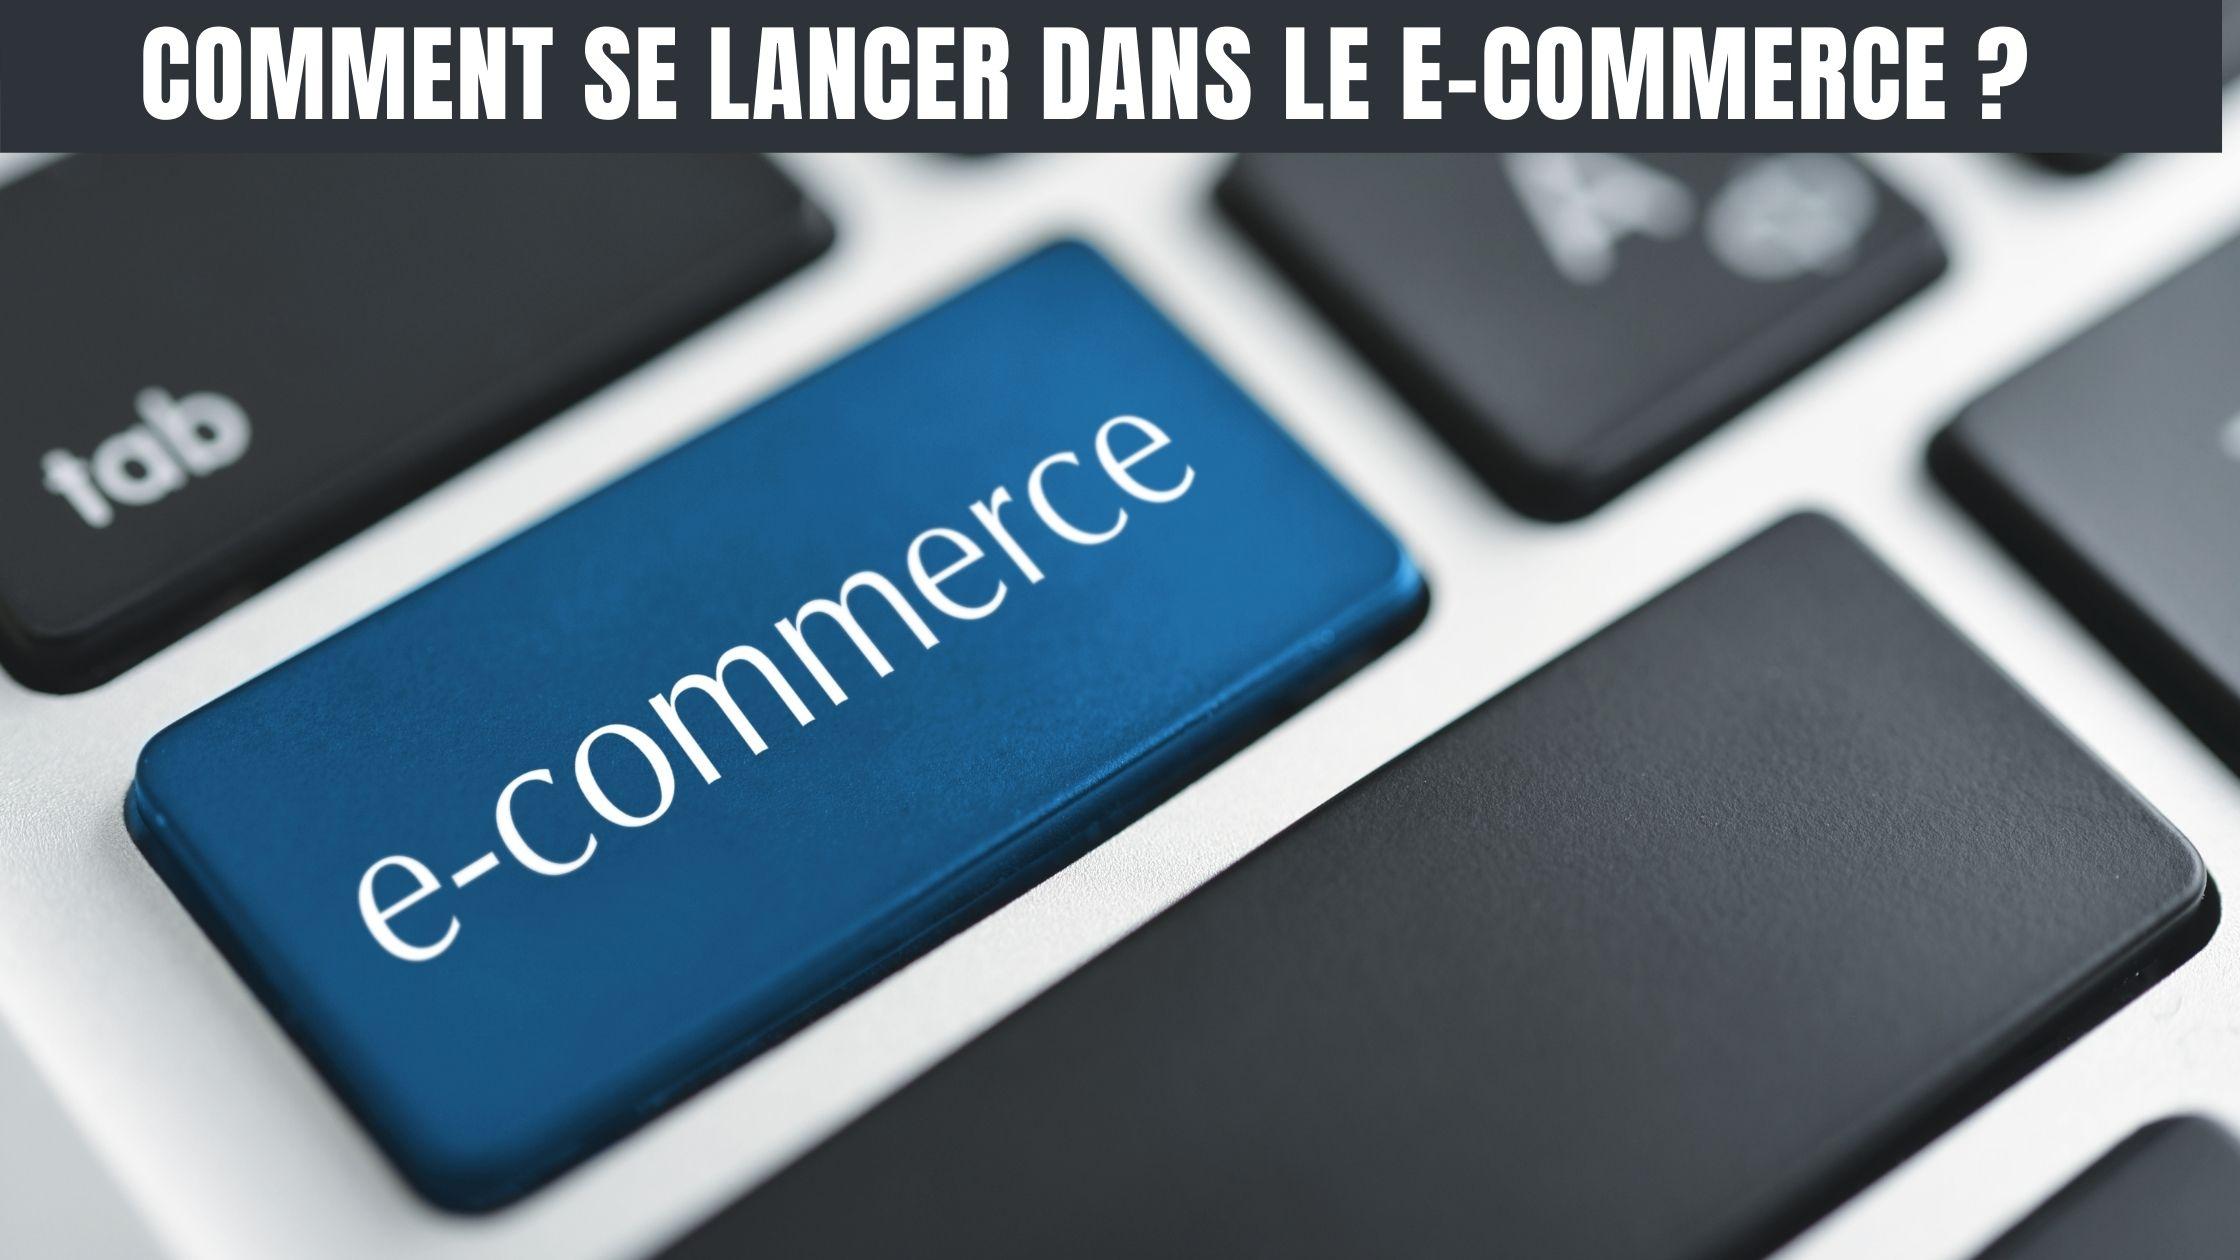 se lancer dans le e-commerce